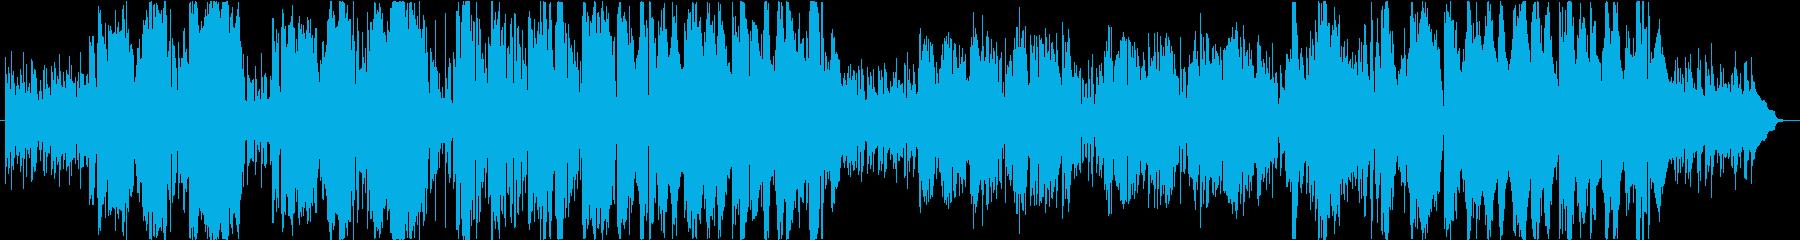 ブルージーなfunkインスト曲の再生済みの波形